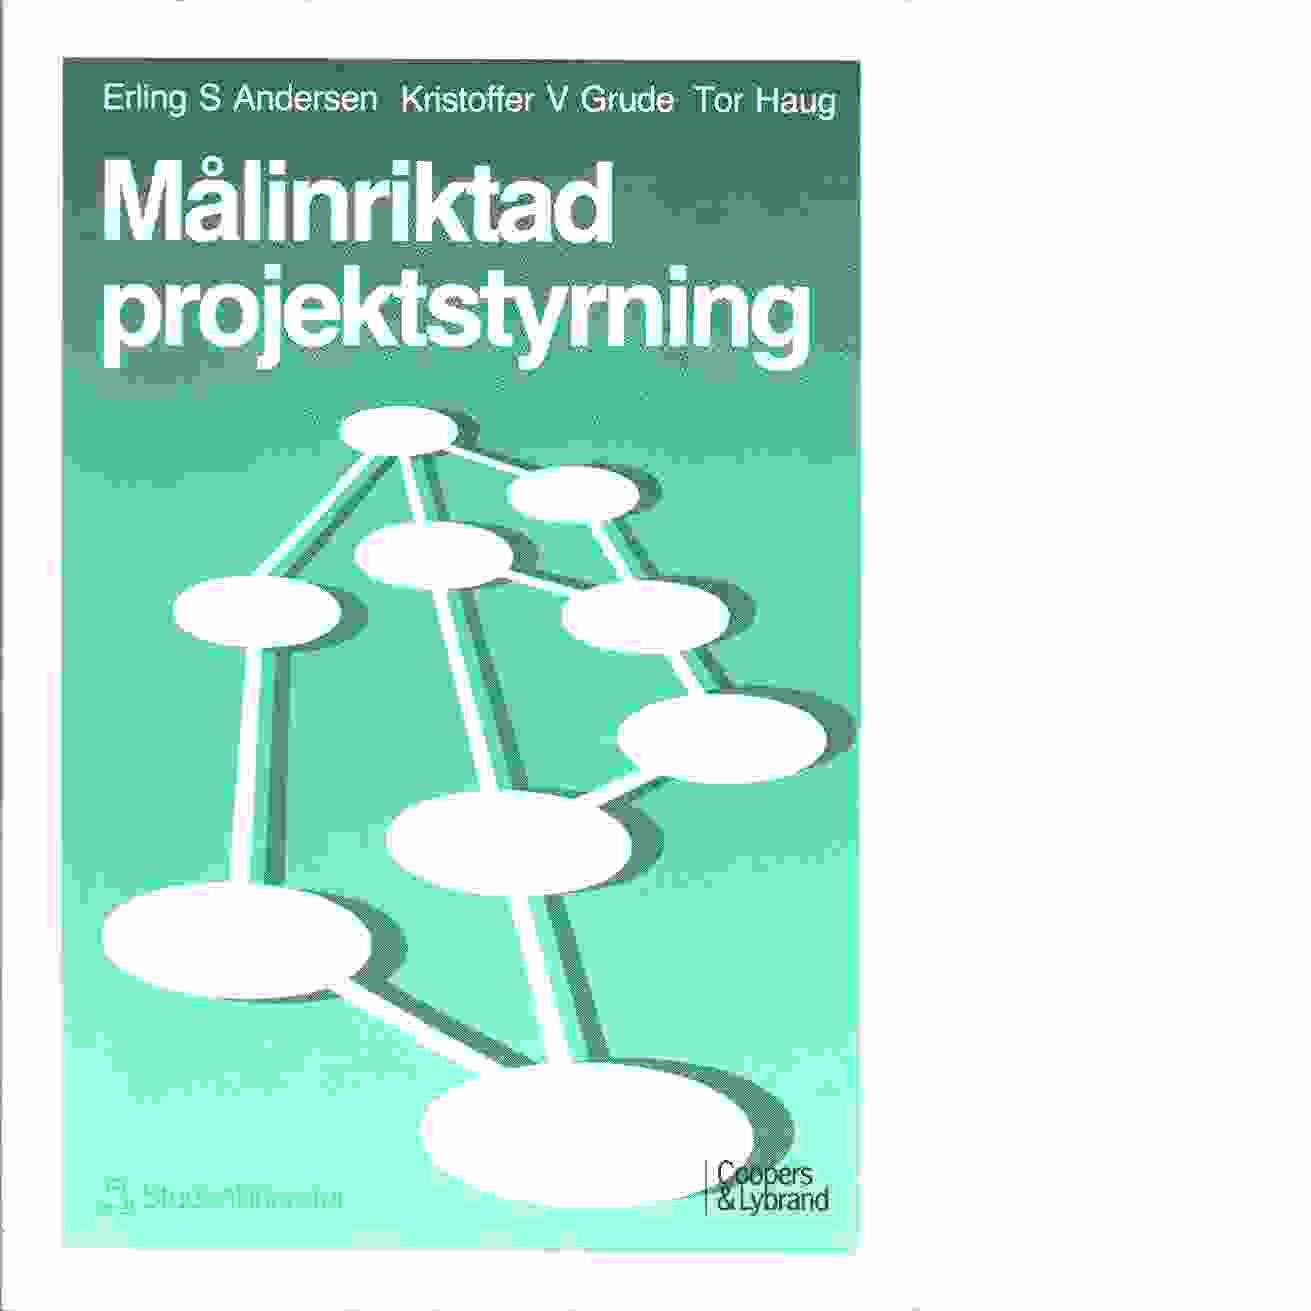 Målinriktad projektstyrning - Andersen, Erling S. och Grude, Kristoffer V. samt Haug, Tor